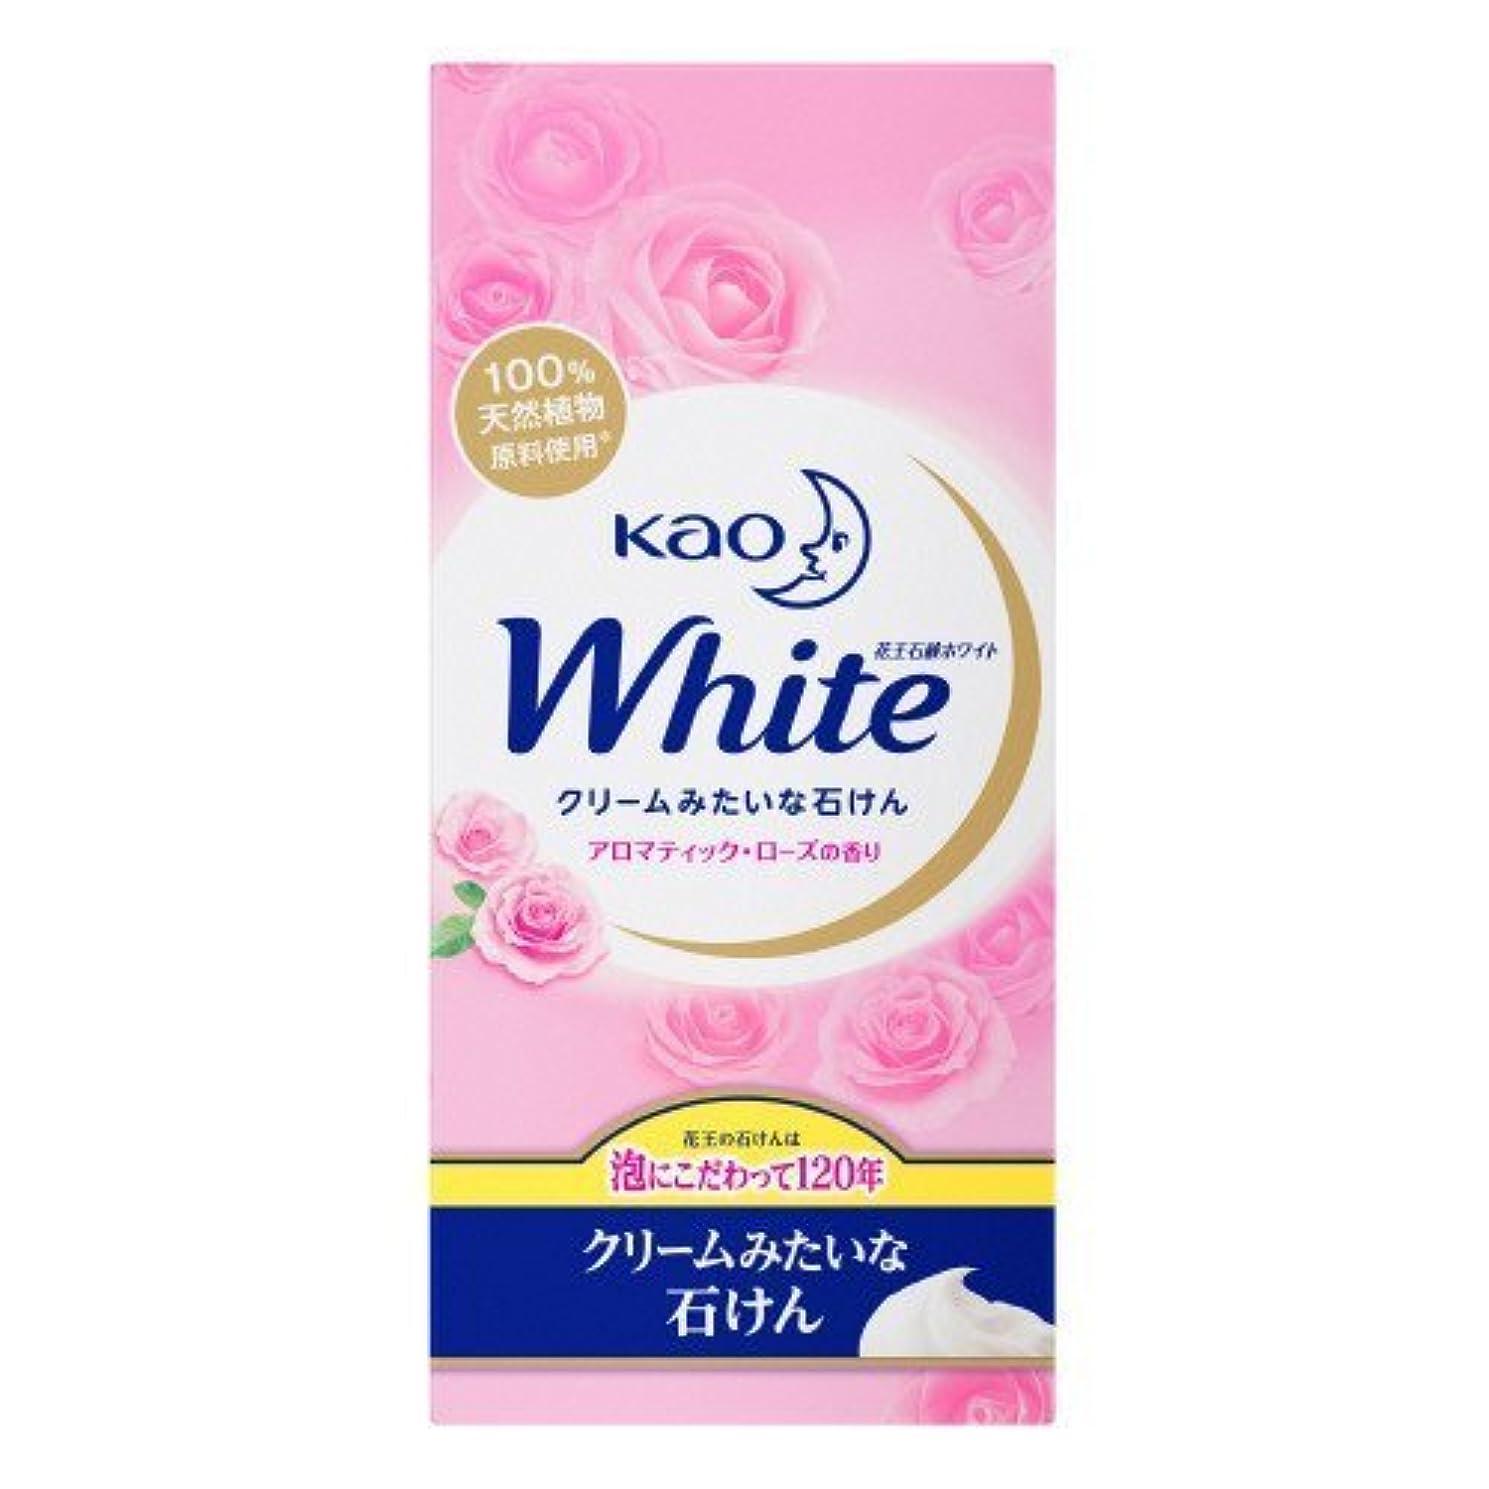 アジテーション昆虫を見る余計な【花王】花王ホワイト アロマティックローズの香りレギュラーサイズ (85g×6個) ×10個セット